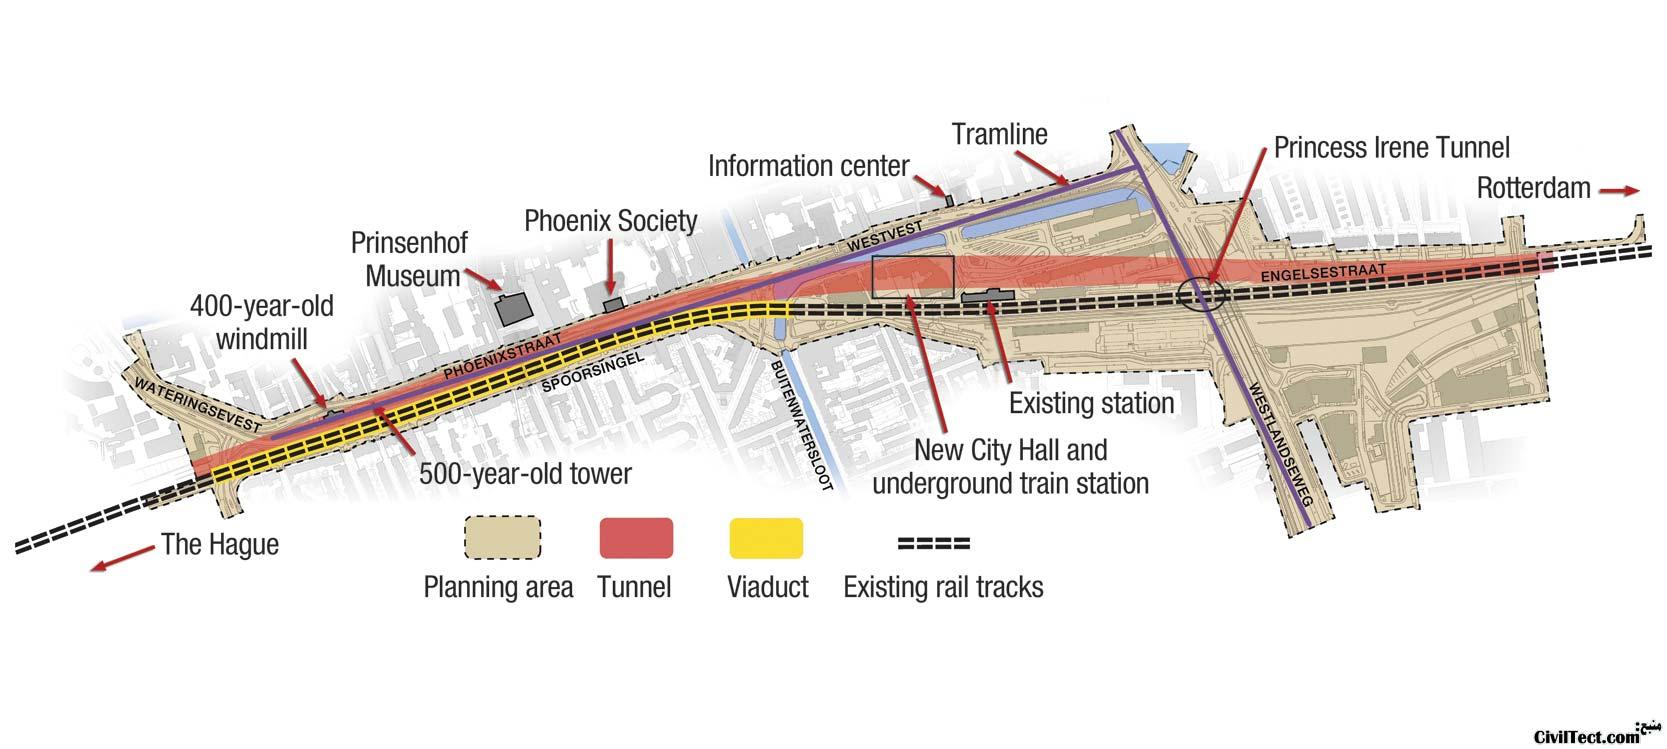 پروژه spoorzone شهر دلفت - نمونه ای از پروژه های ساماندهی خطوط راه آهن